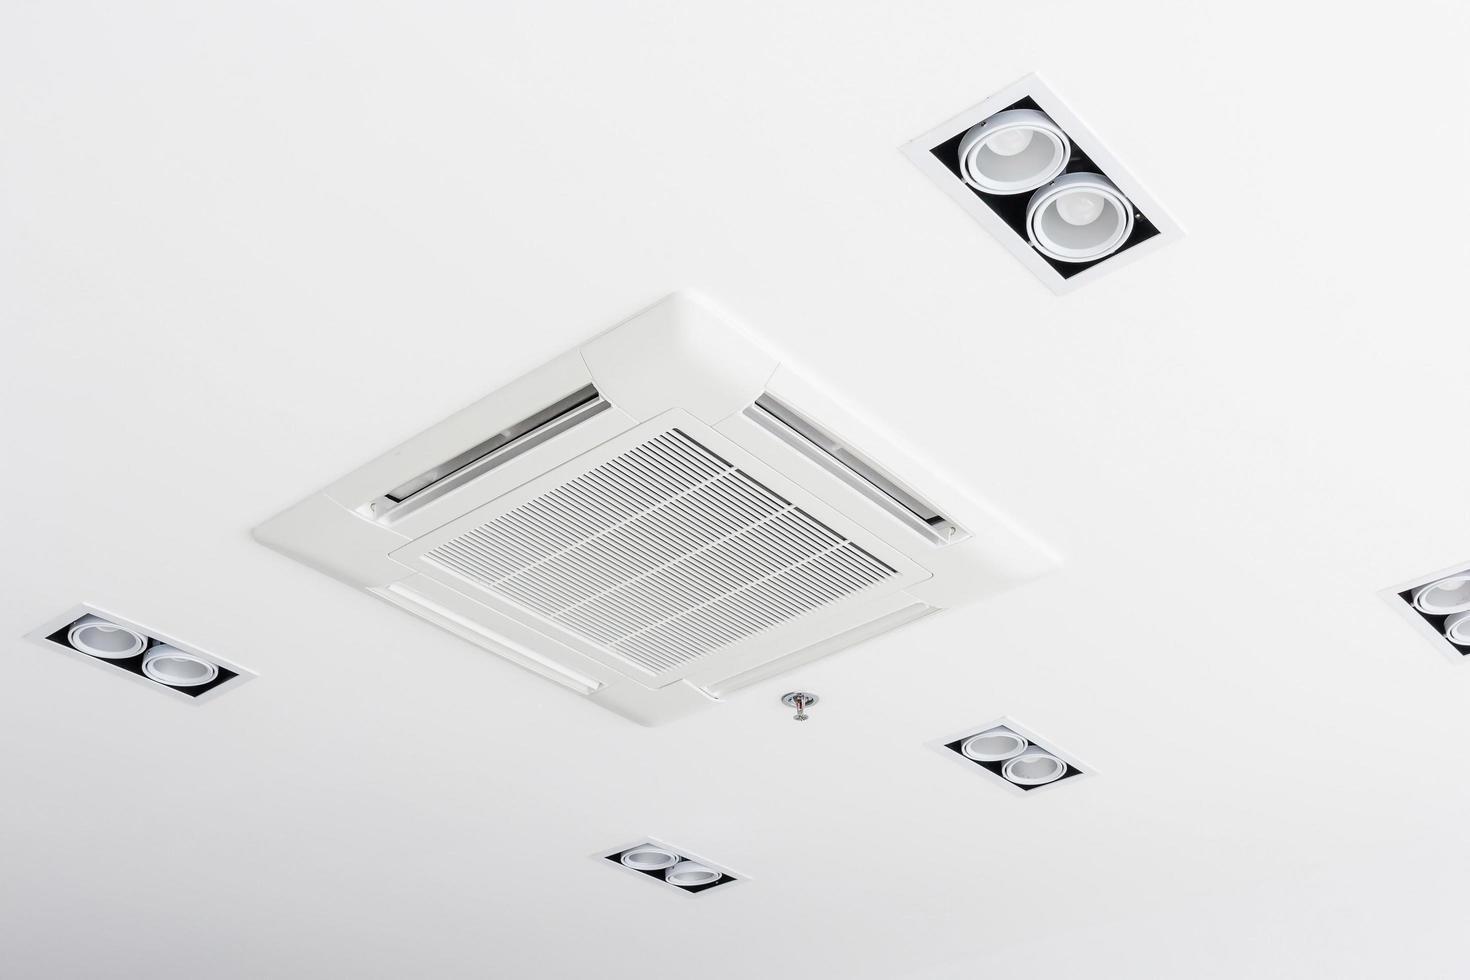 climatiseur de type cassette monté au plafond photo